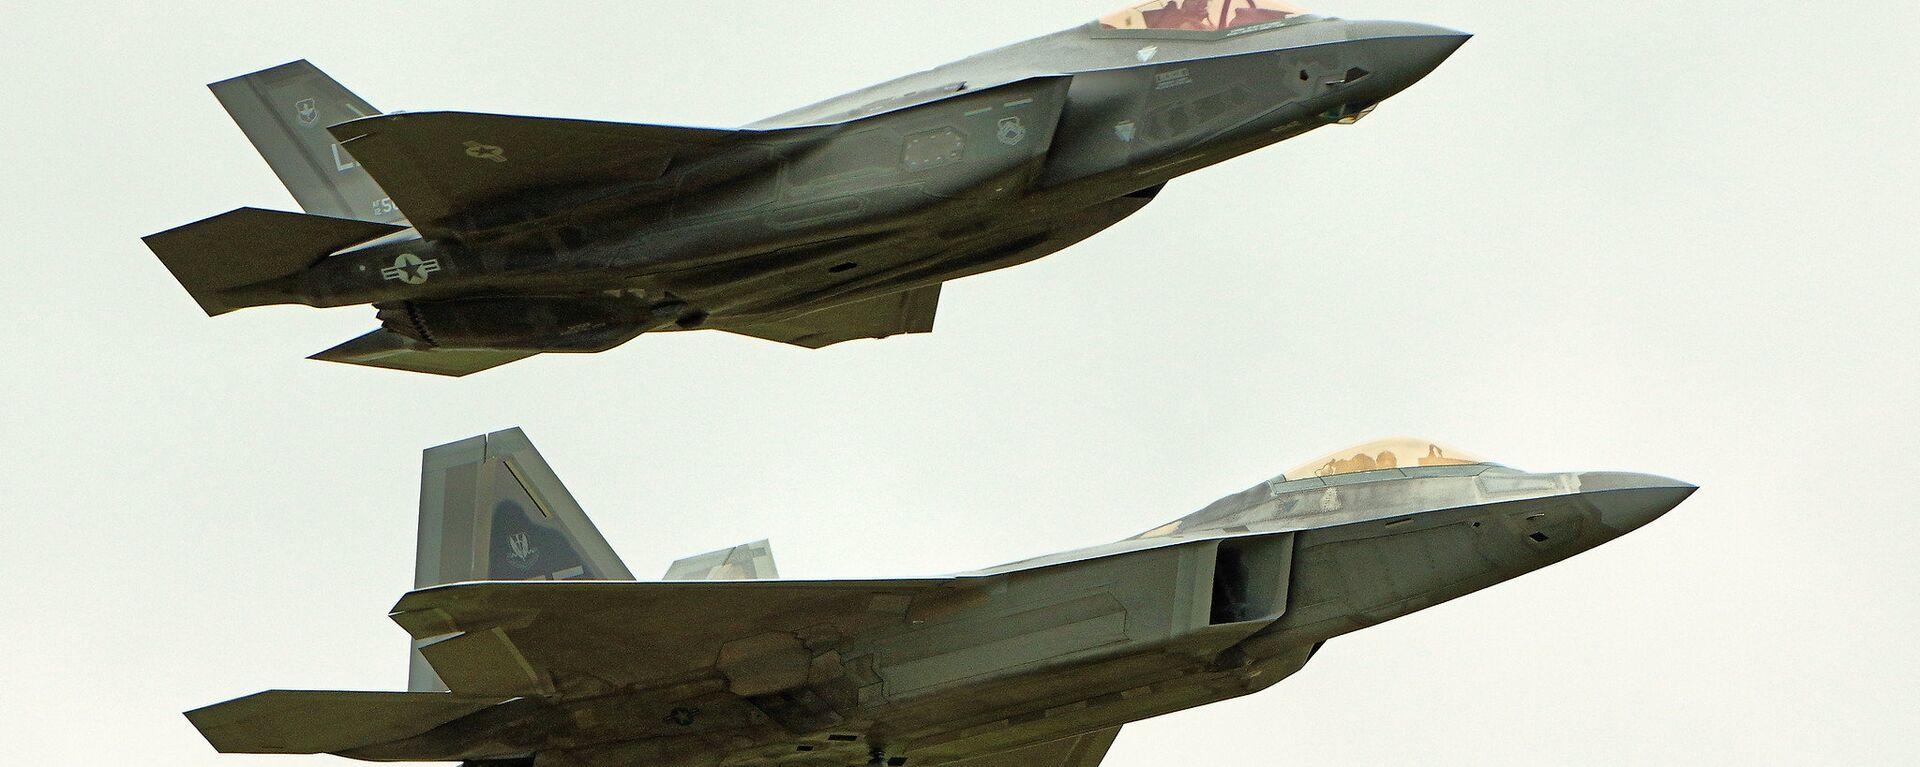 F22 Raptor & F35 Lightning II  - Sputnik International, 1920, 18.09.2021